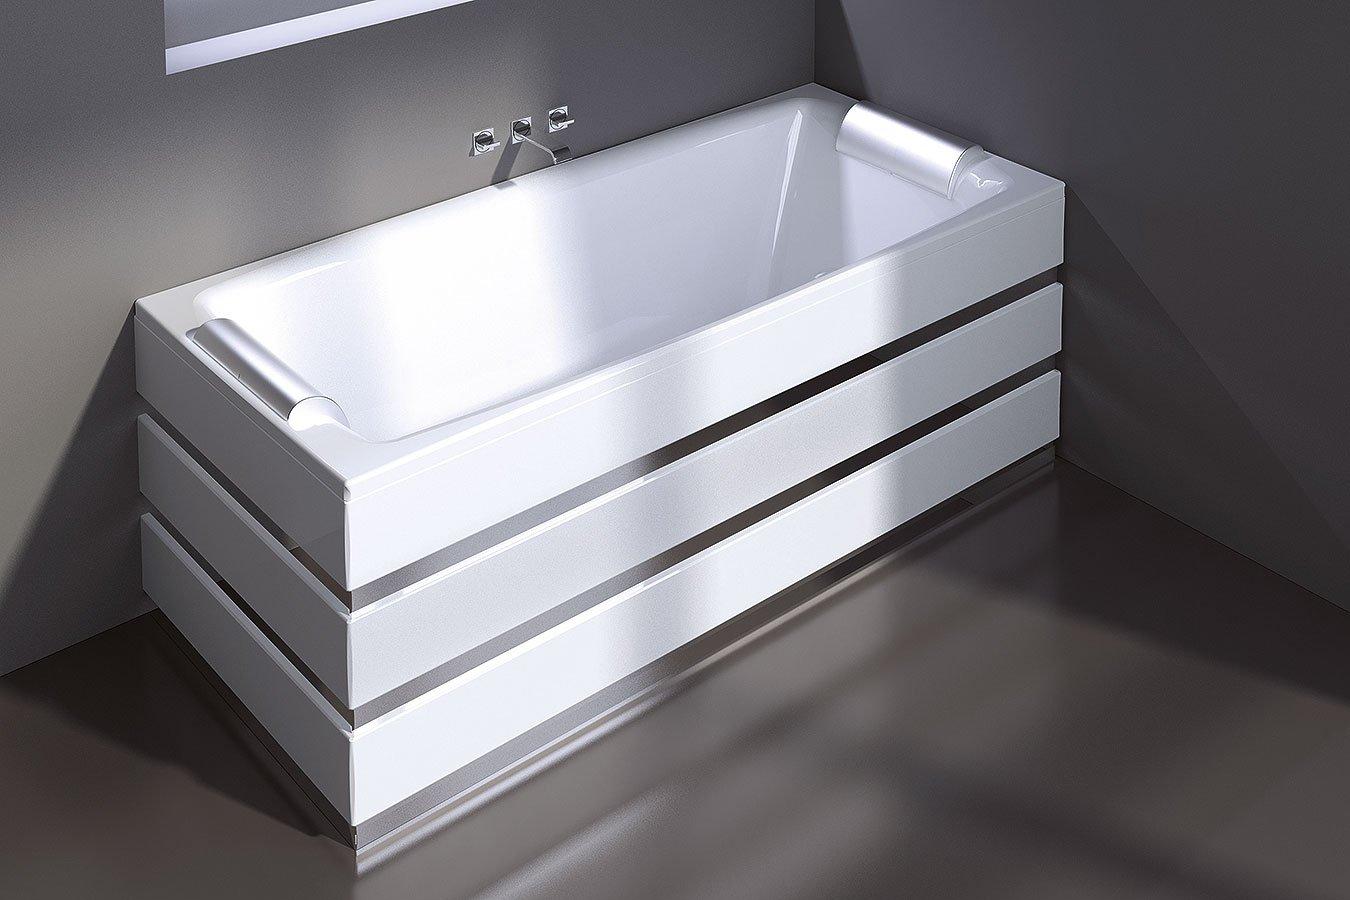 vasca da bagno in acciaio rettangolare